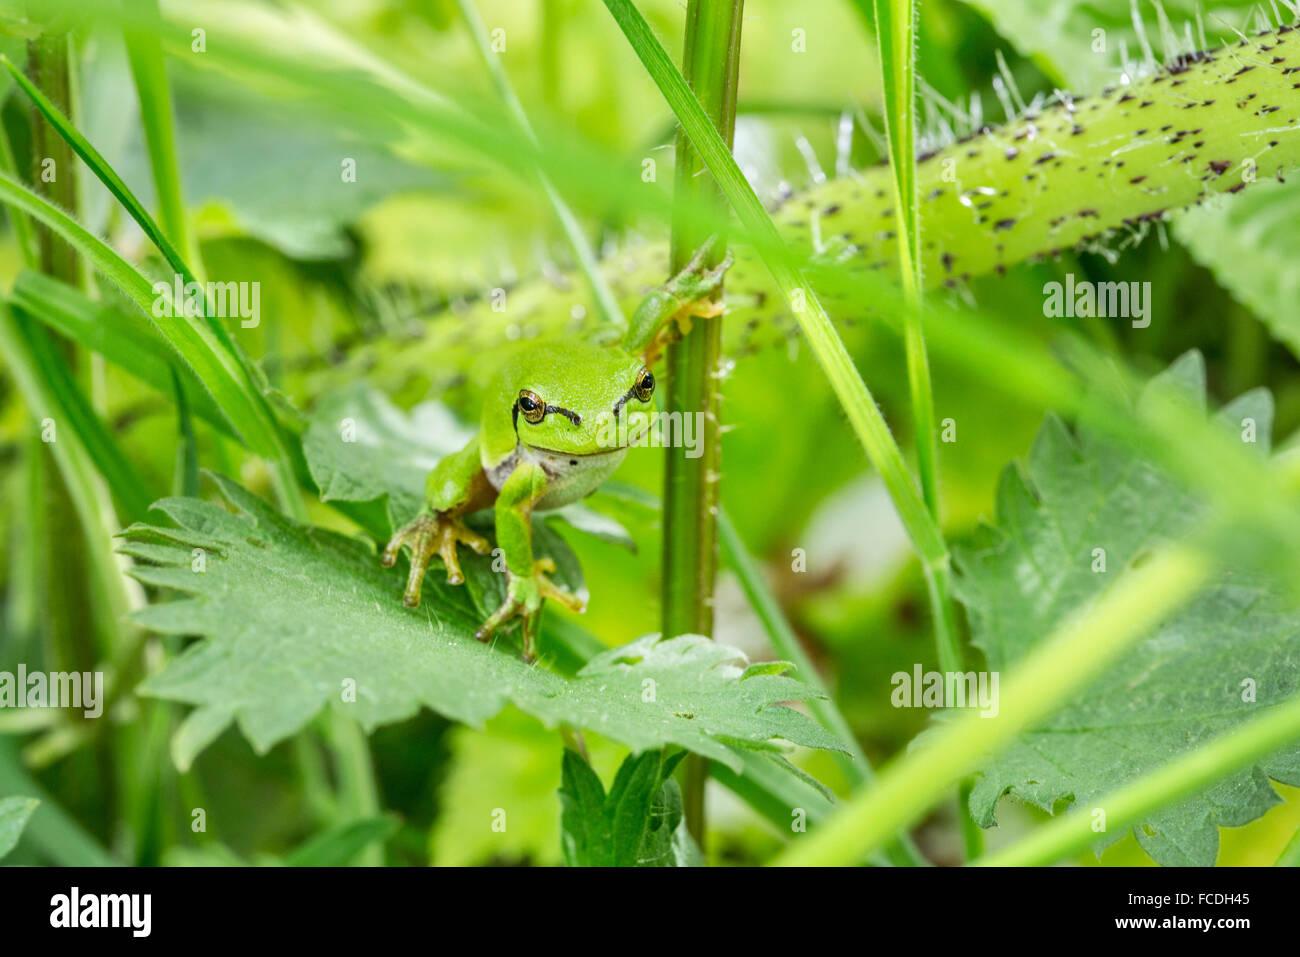 Susteren Pays-bas, près de Turku. Réserve naturelle de Doort. European tree frog (Rana anciennement Hyla Photo Stock